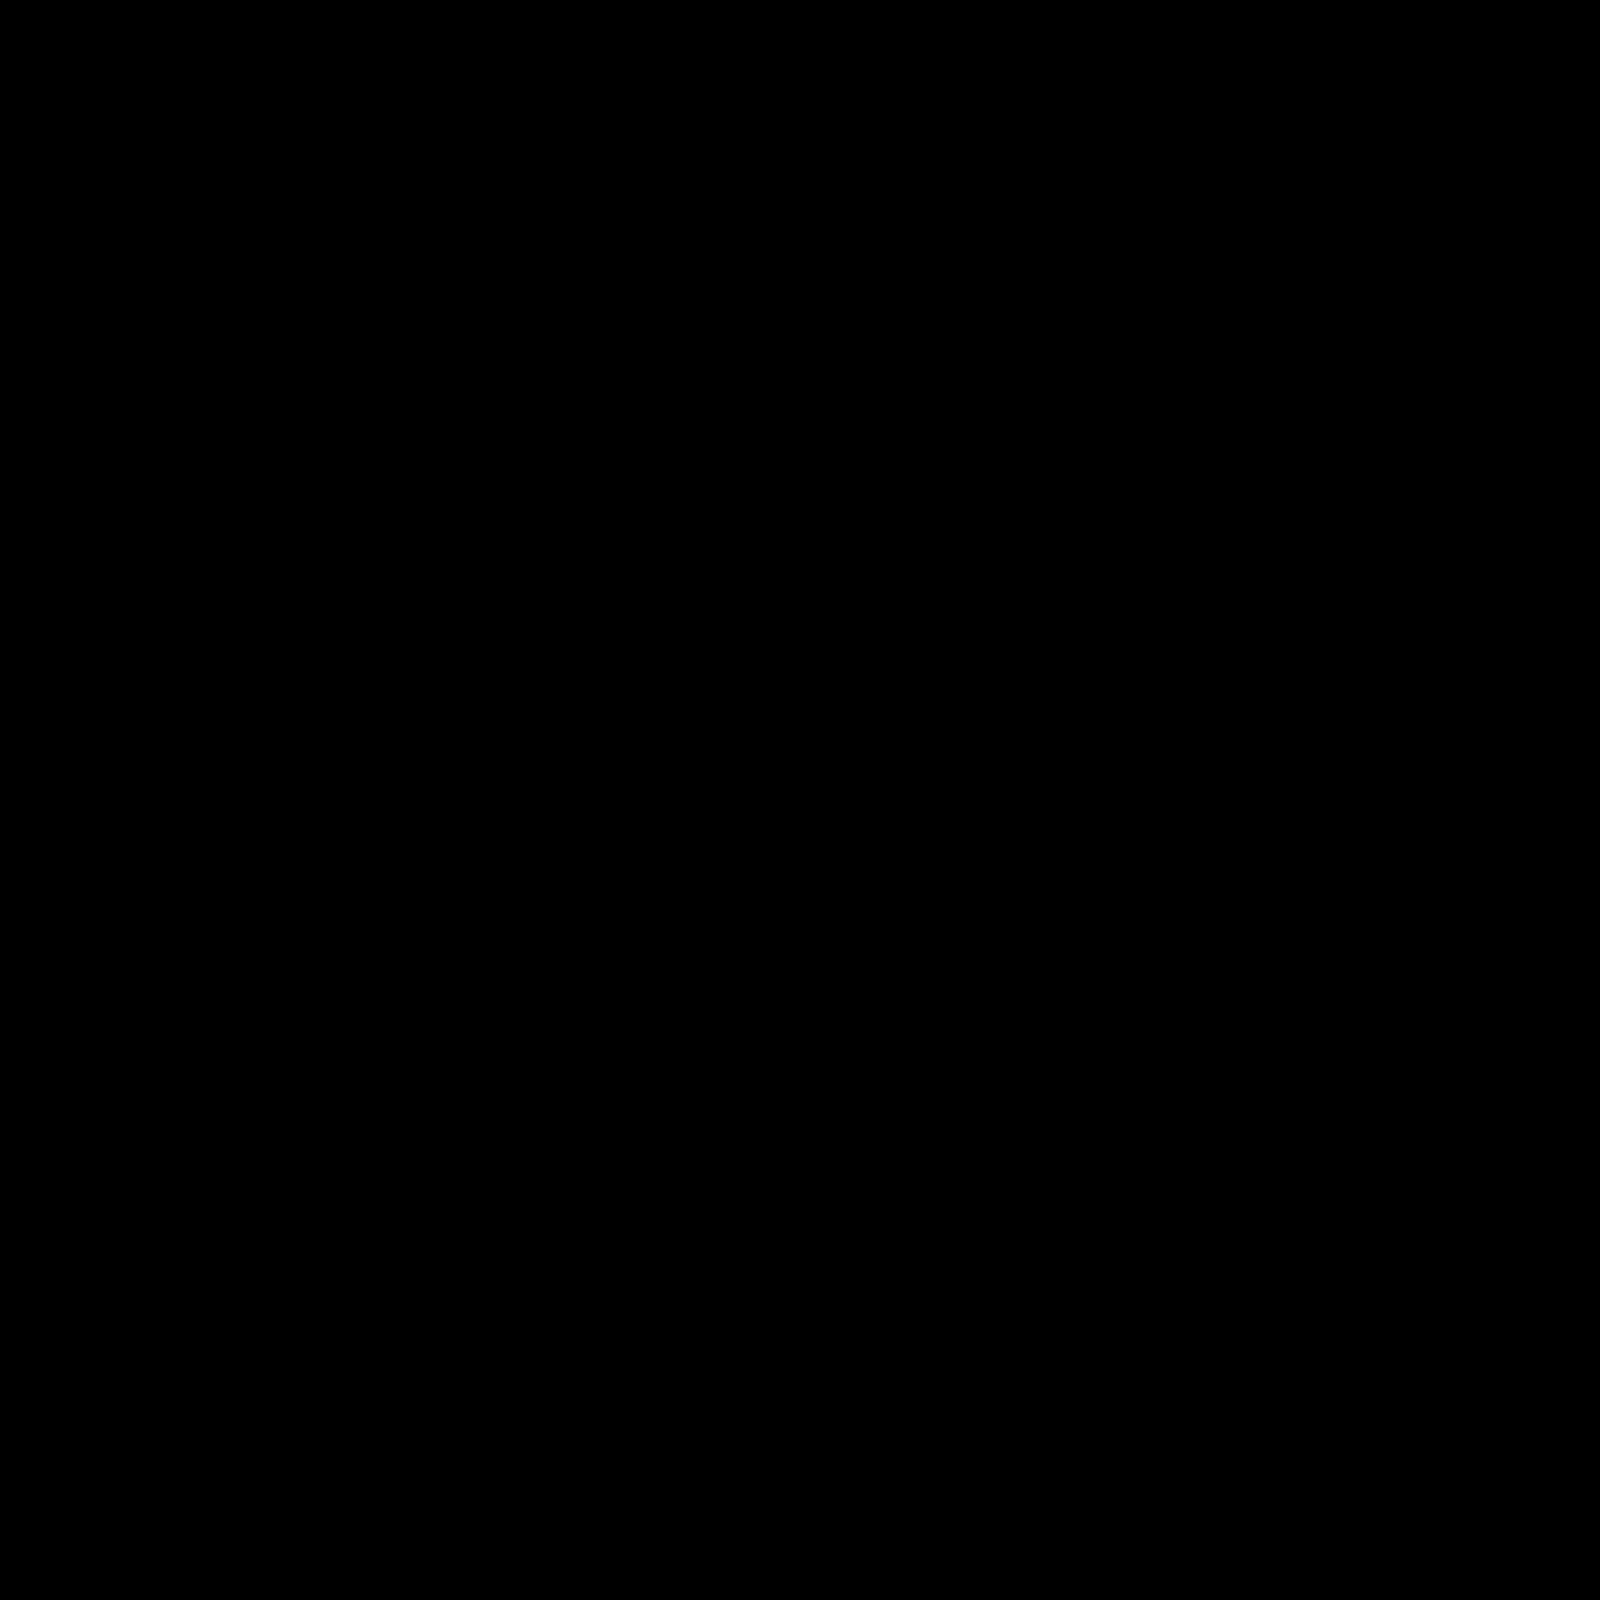 Katakana a icon